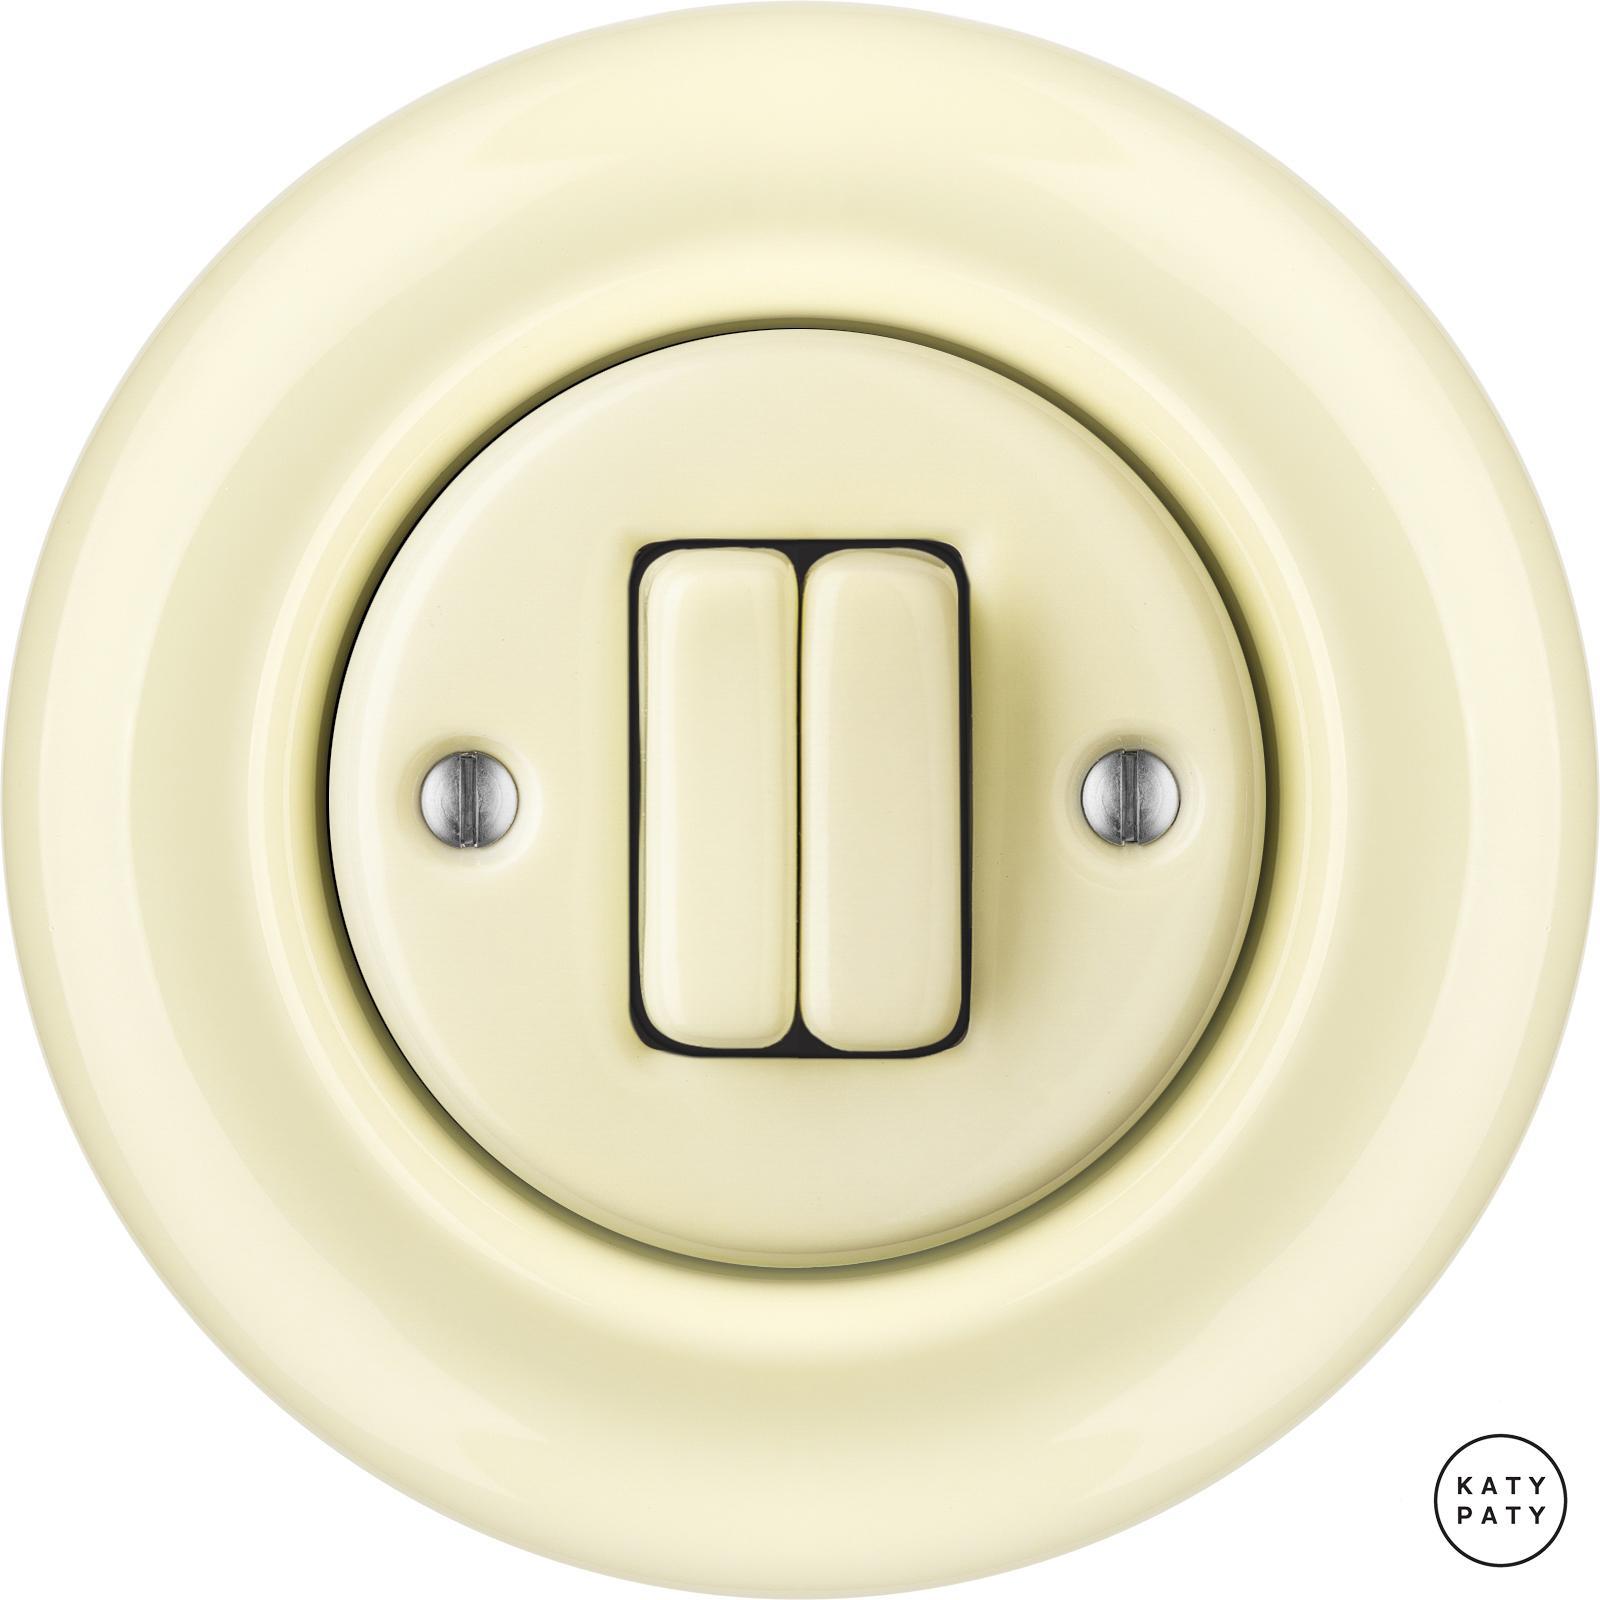 Nett 2 Wege Lichtschalterschaltung Ideen - Elektrische Schaltplan ...